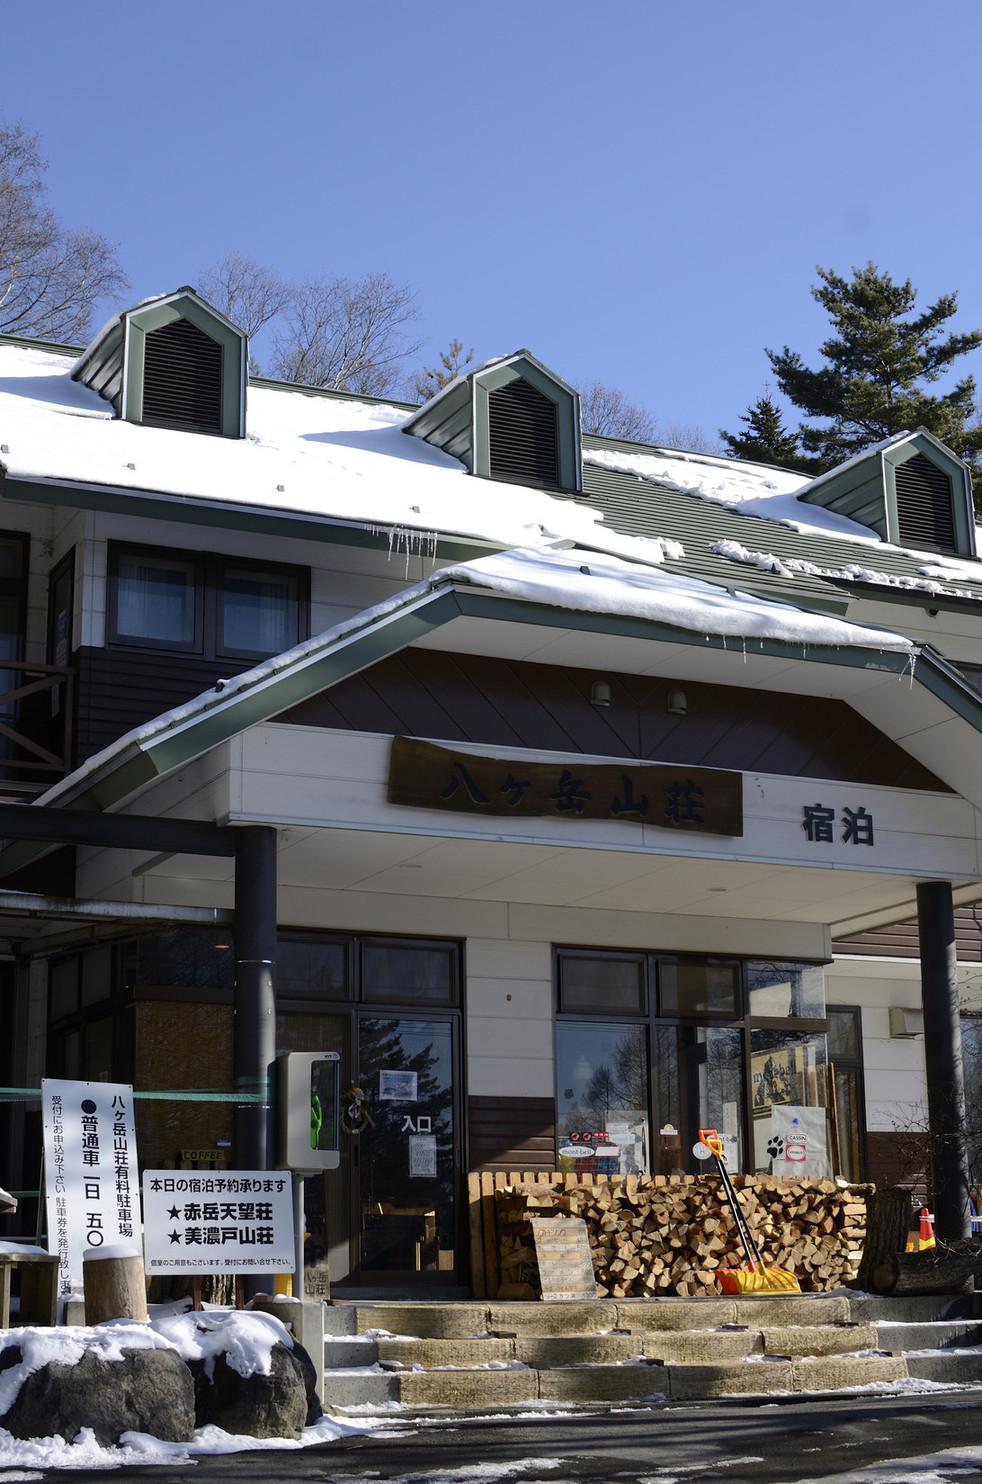 八ヶ岳山荘 name=